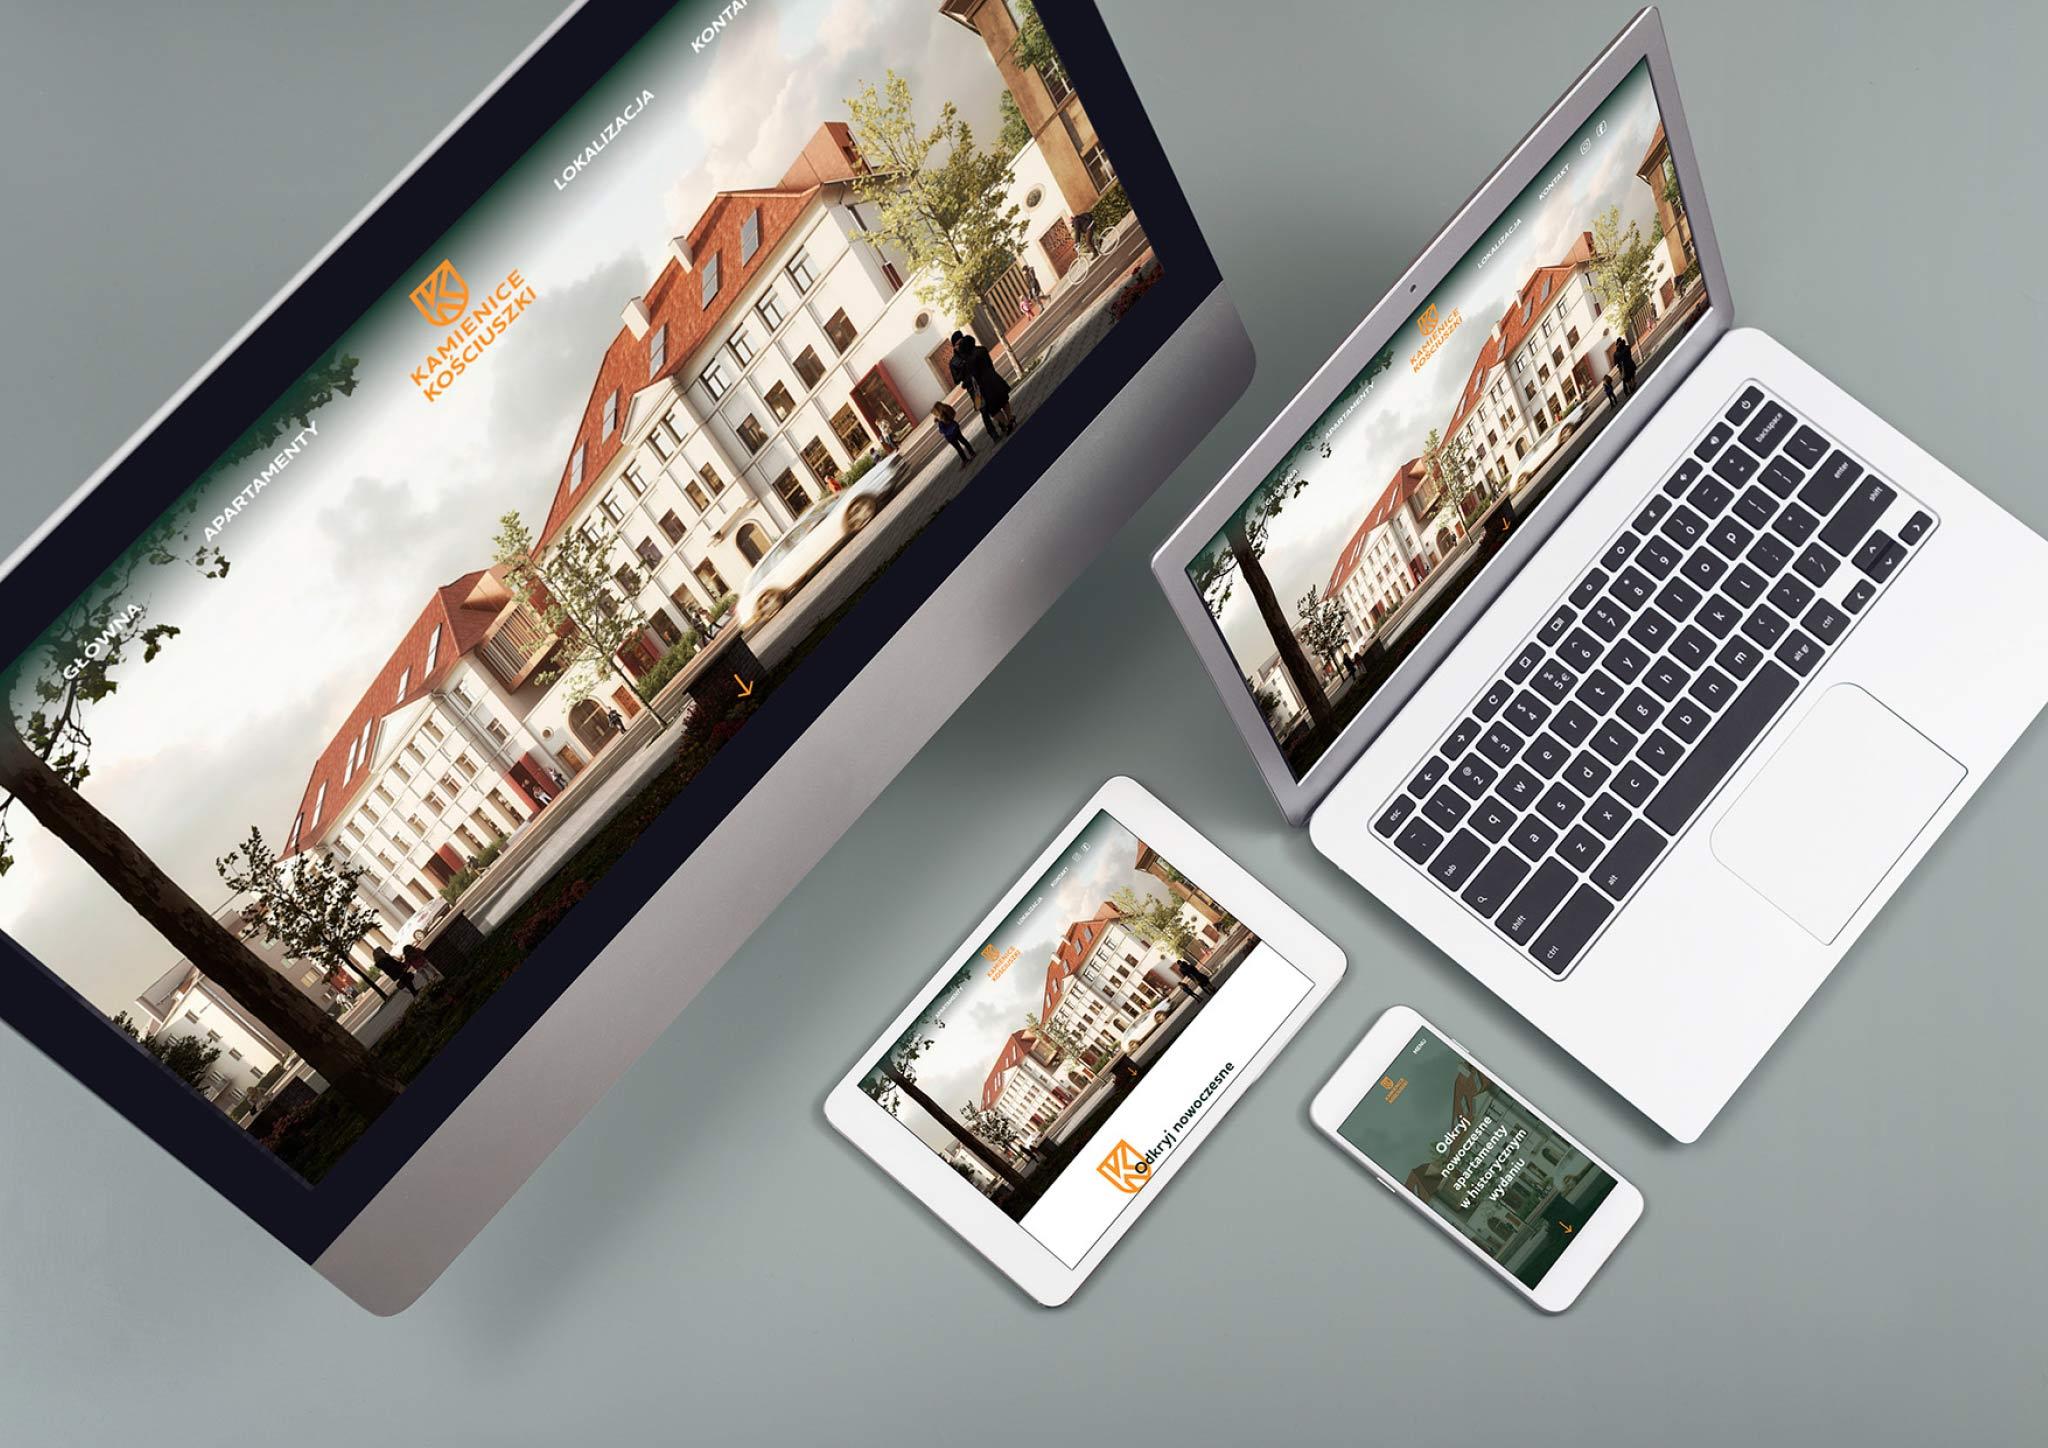 wizualizacja strona internetowa Kamienice Kosciuszki